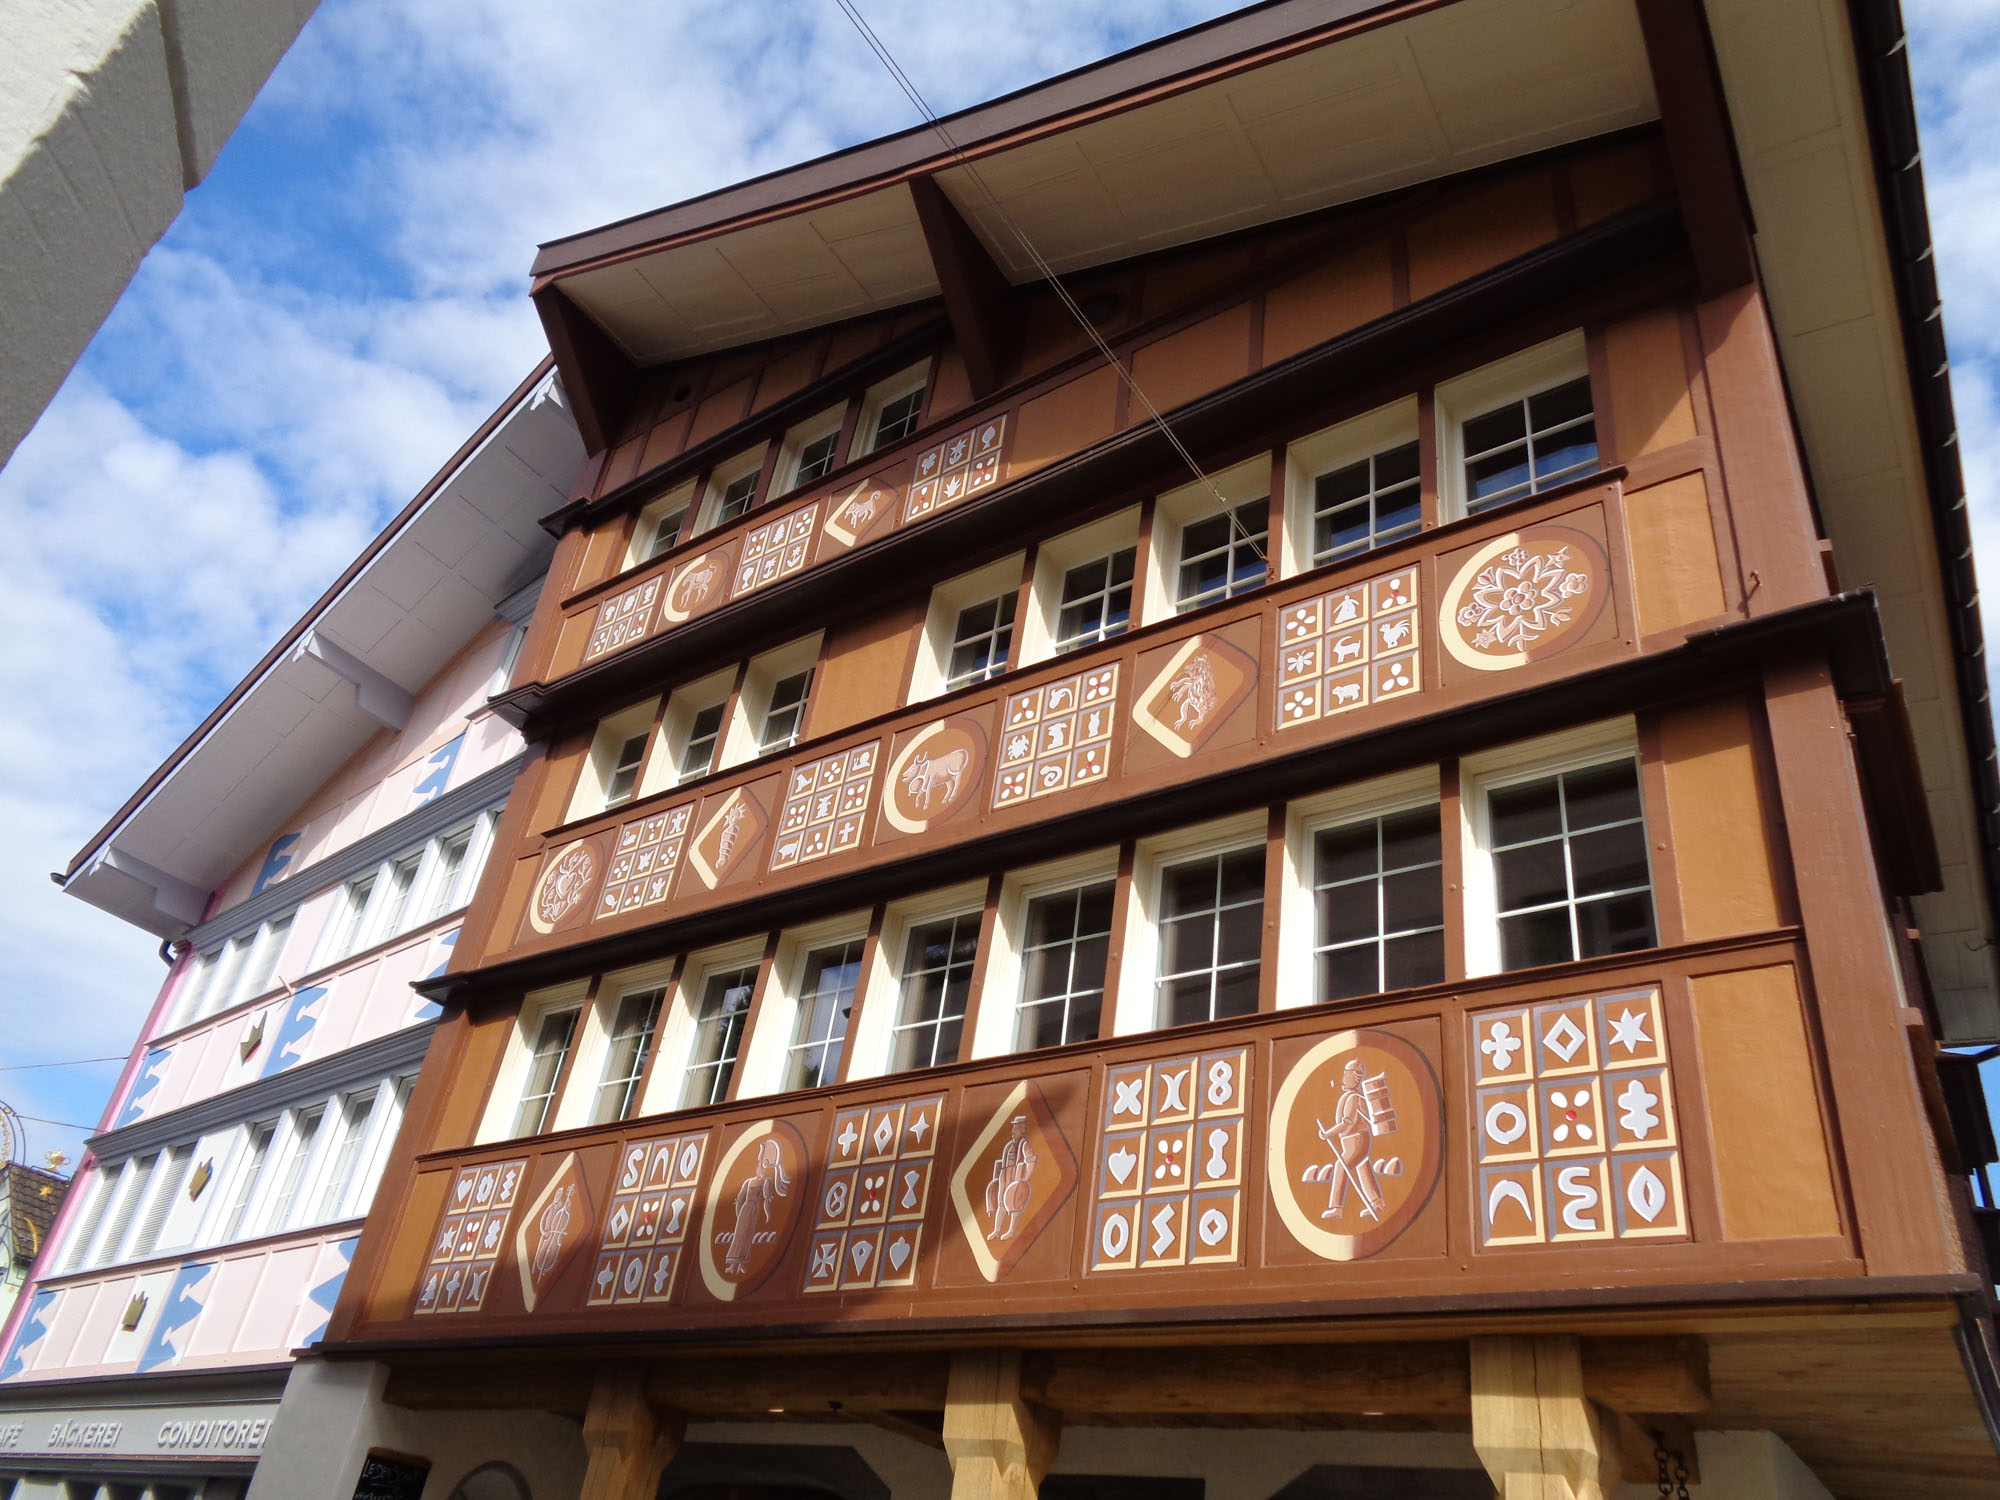 20170930_SHBS_Spitzerausstellung-Appenzell_UKlausner_047